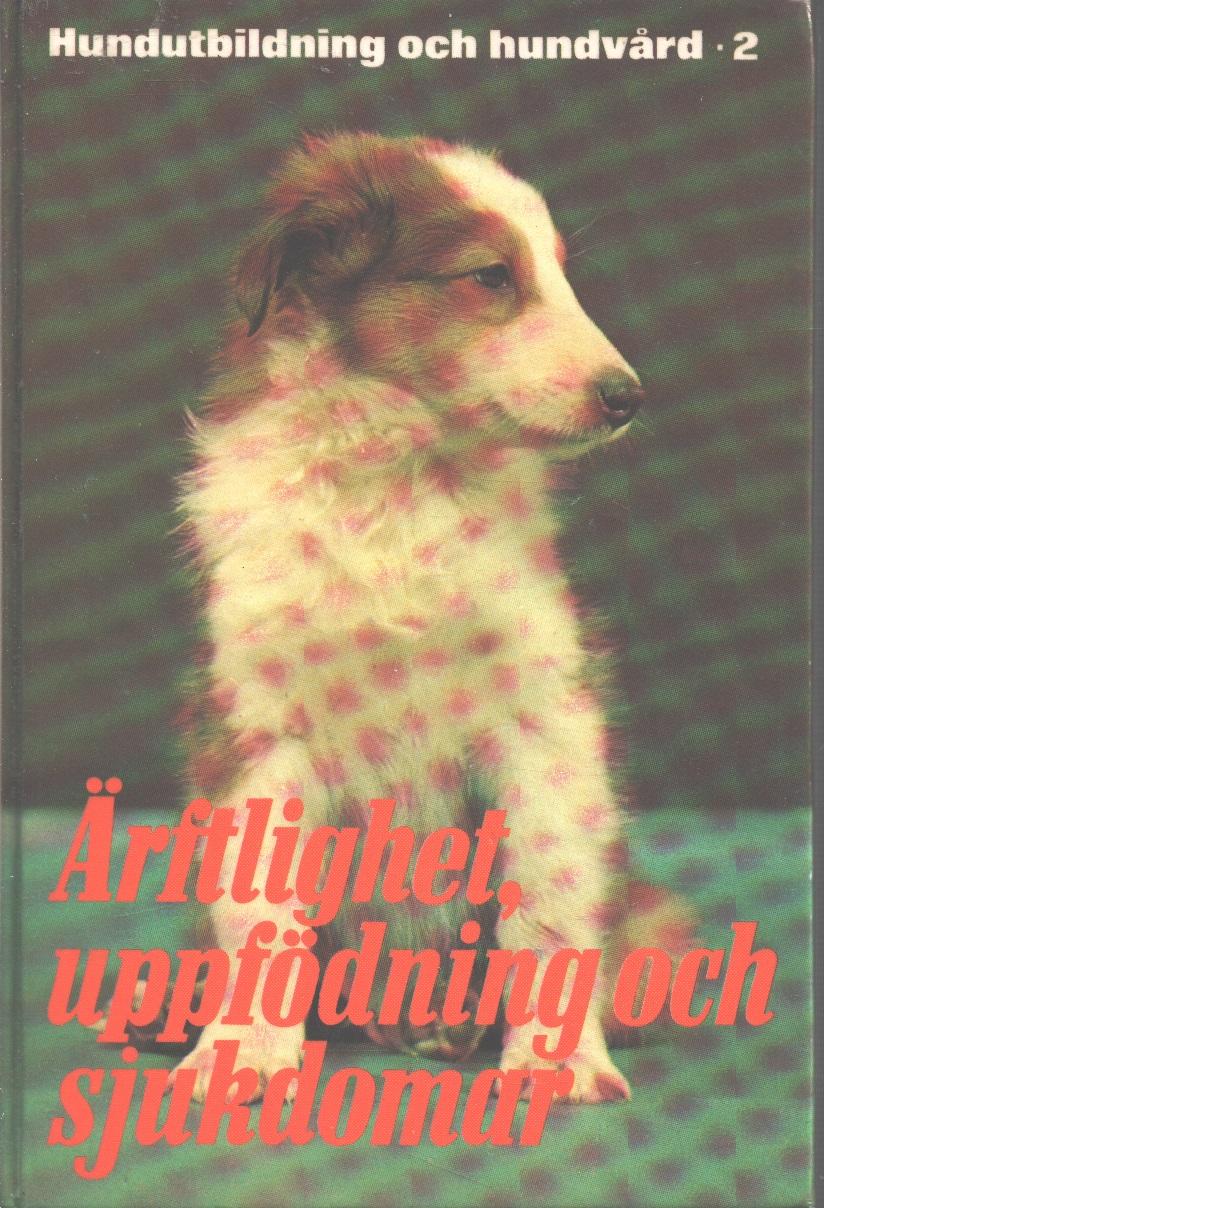 Hundutbildning och hundvård. D. 2, Ärftlighet, uppfödning och sjukdomar - Red.